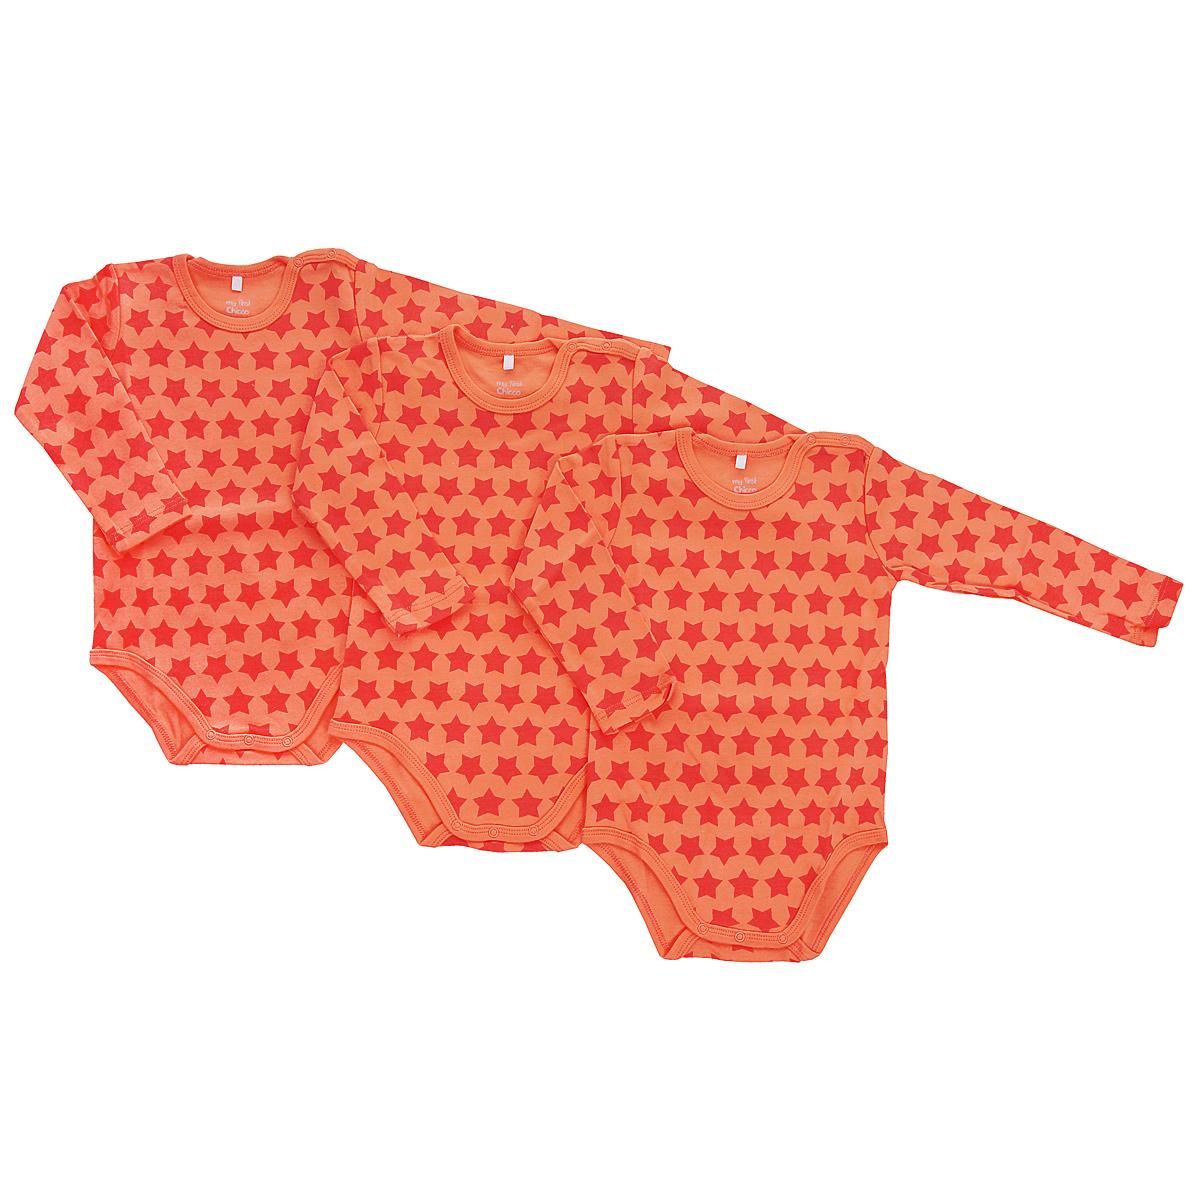 Боди детское, 3 шт. 9017663090176630Детское боди Chicco My First послужит идеальным дополнением к гардеробу вашего ребенка, обеспечивая ему наибольший комфорт. Изготовленное из натурального хлопка, оно необычайно мягкое и приятное на ощупь, не сковывает движения ребенка и придает комфорт. Боди с длинными рукавами и круглым вырезом горловины имеет застежки-кнопки по плечу и на ластовице, что помогает с легкостью переодеть ребенка. Оформлено изделие ненавязчивым принтом по всей поверхности. Боди полностью соответствует особенностям жизни ребенка в ранний период, не стесняя и не ограничивая его в движениях. В нем ваш ребенок всегда будет в центре внимания. В комплект входят три одинаковых боди.